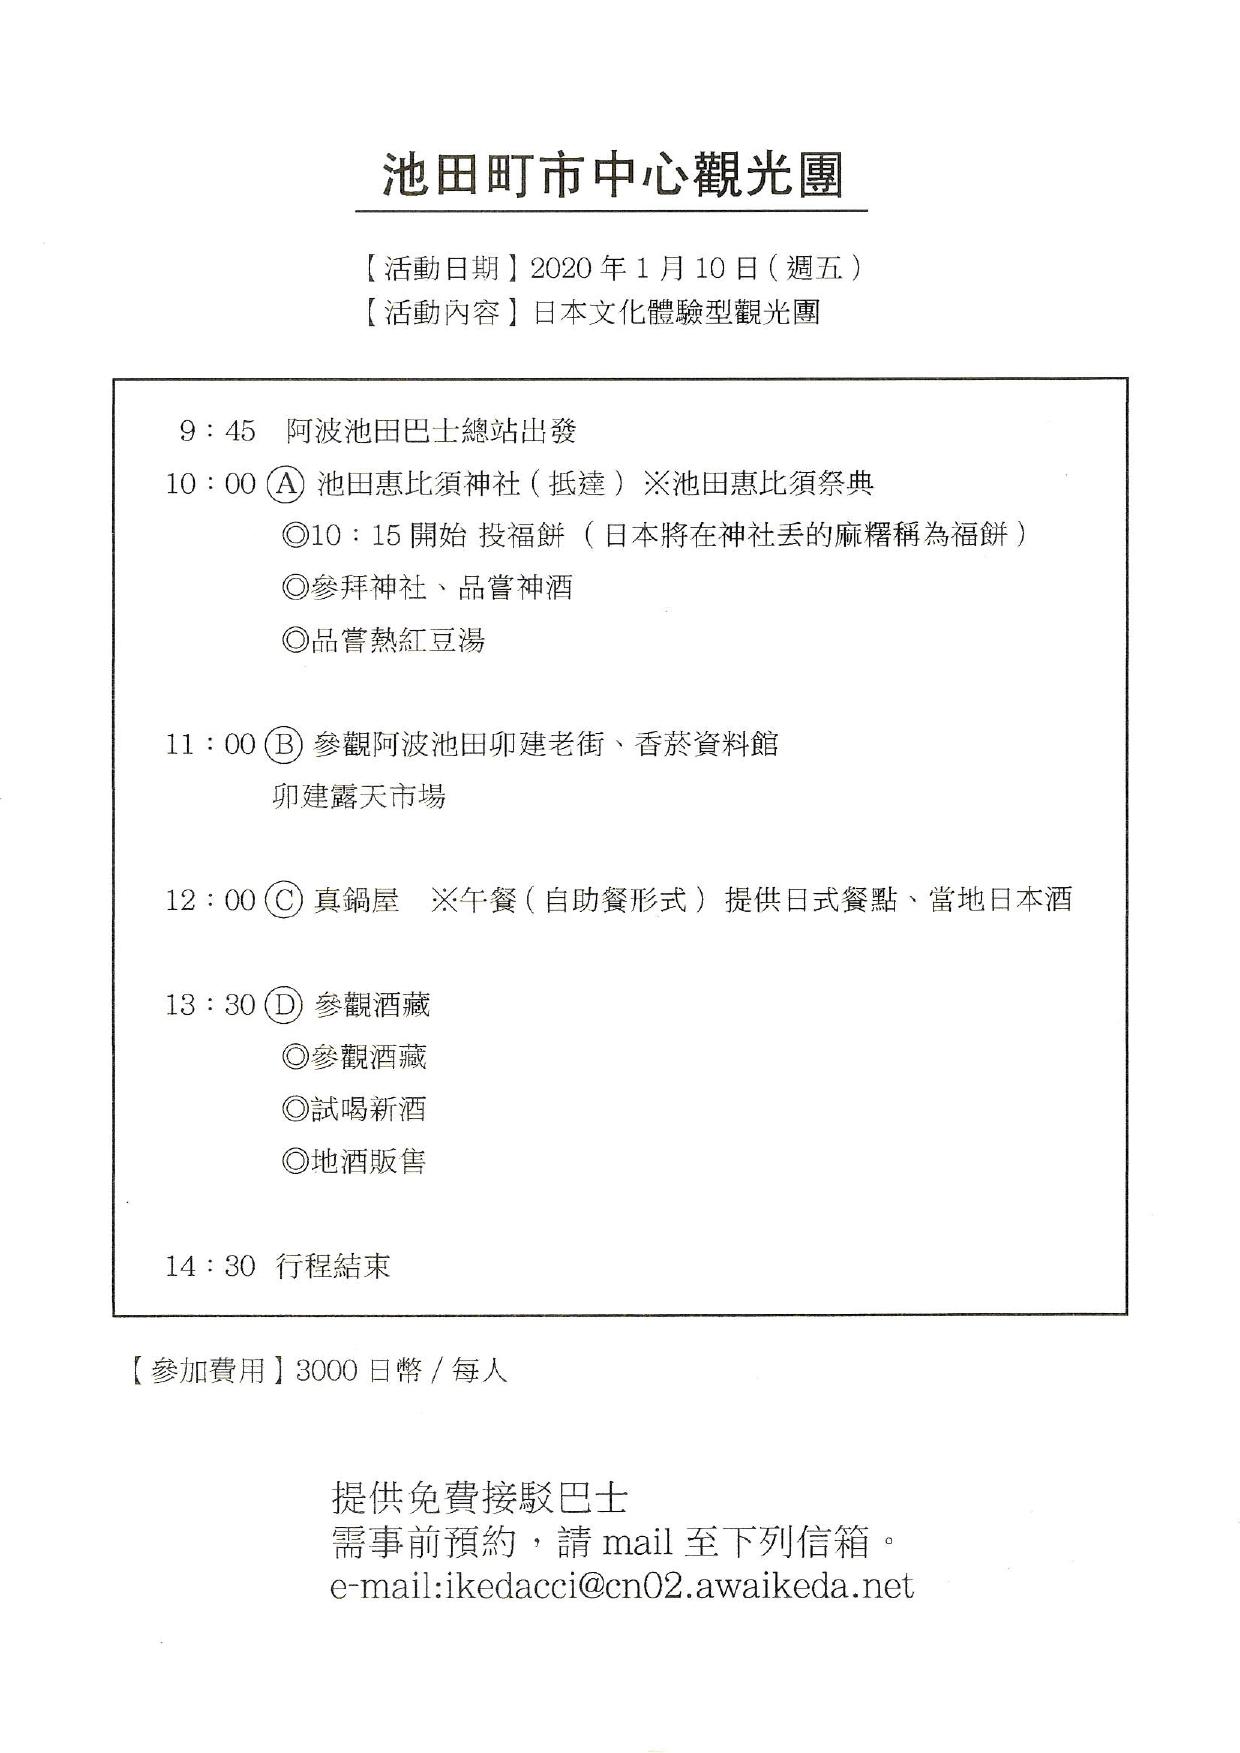 https://www.oboke-iya.jp/whatsnew/%E6%B1%A0%E7%94%B0%E7%94%BA%E5%B8%82%E4%B8%AD%E5%BF%83%E8%A7%80%E5%85%89%E5%9C%98_page-0001.jpg